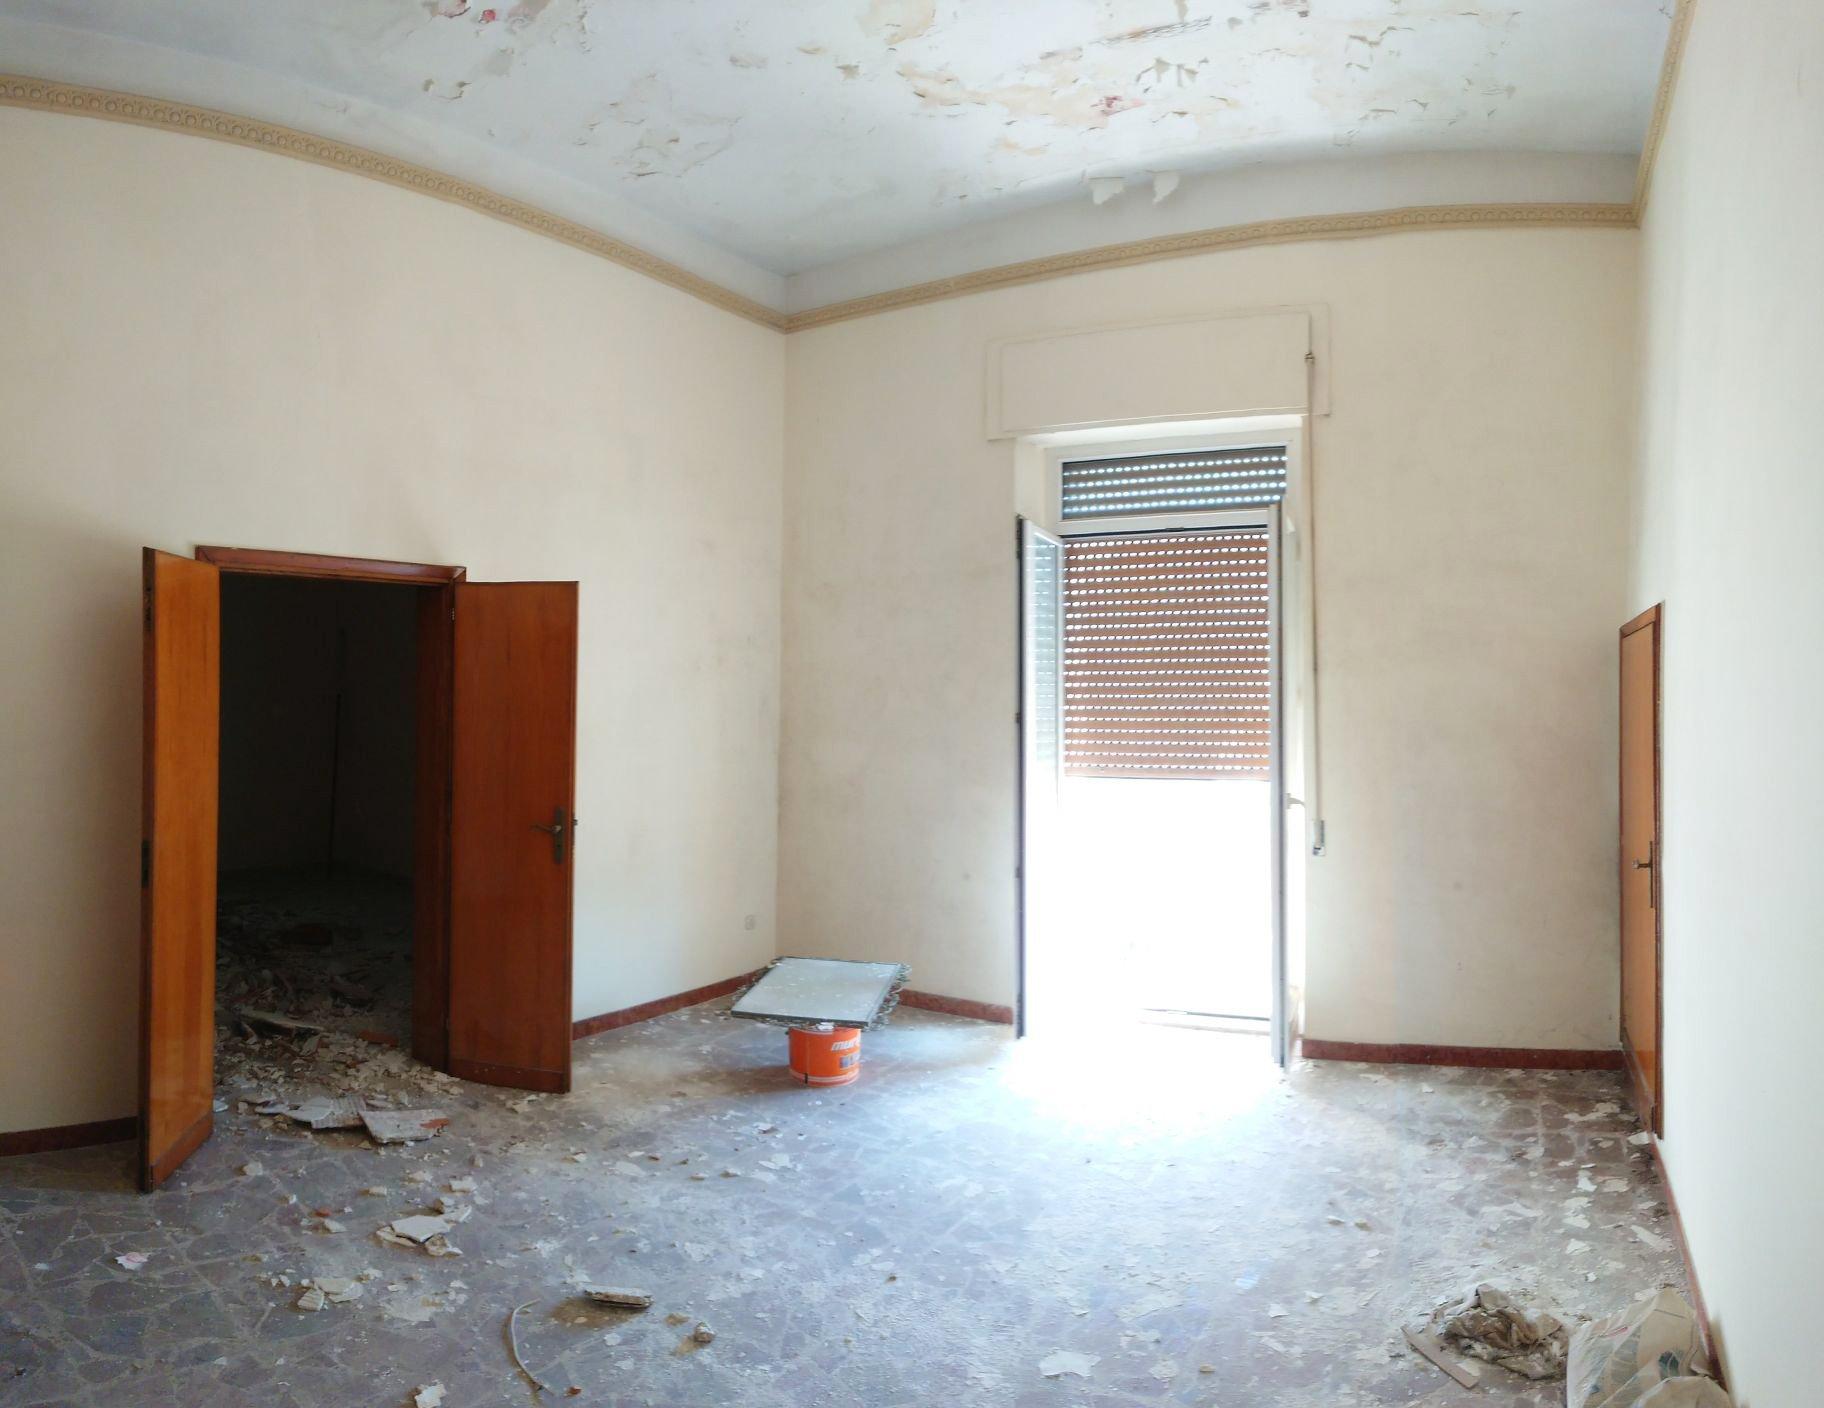 Appartamento da ristrutturare ad Oria